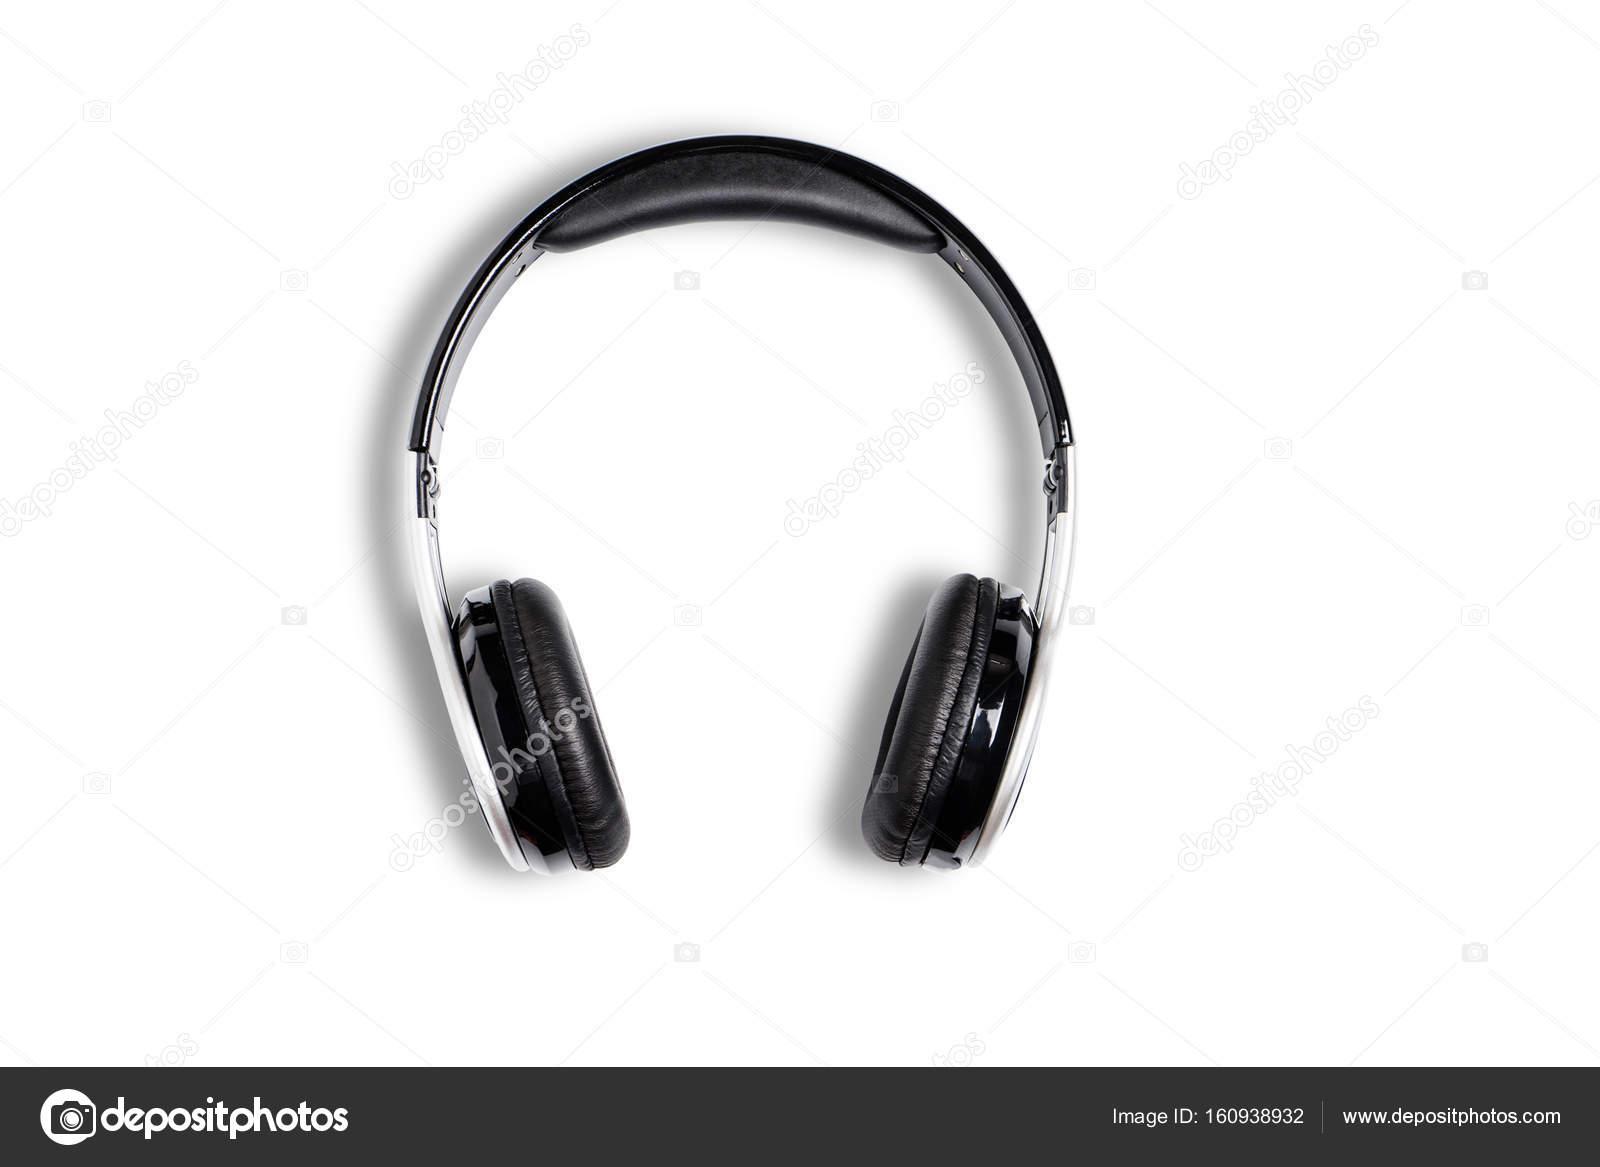 Audio per cuffie senza fili nero per ascolto isolato su priorità bassa  bianca — Foto di pritsadee 8999abddcb1f